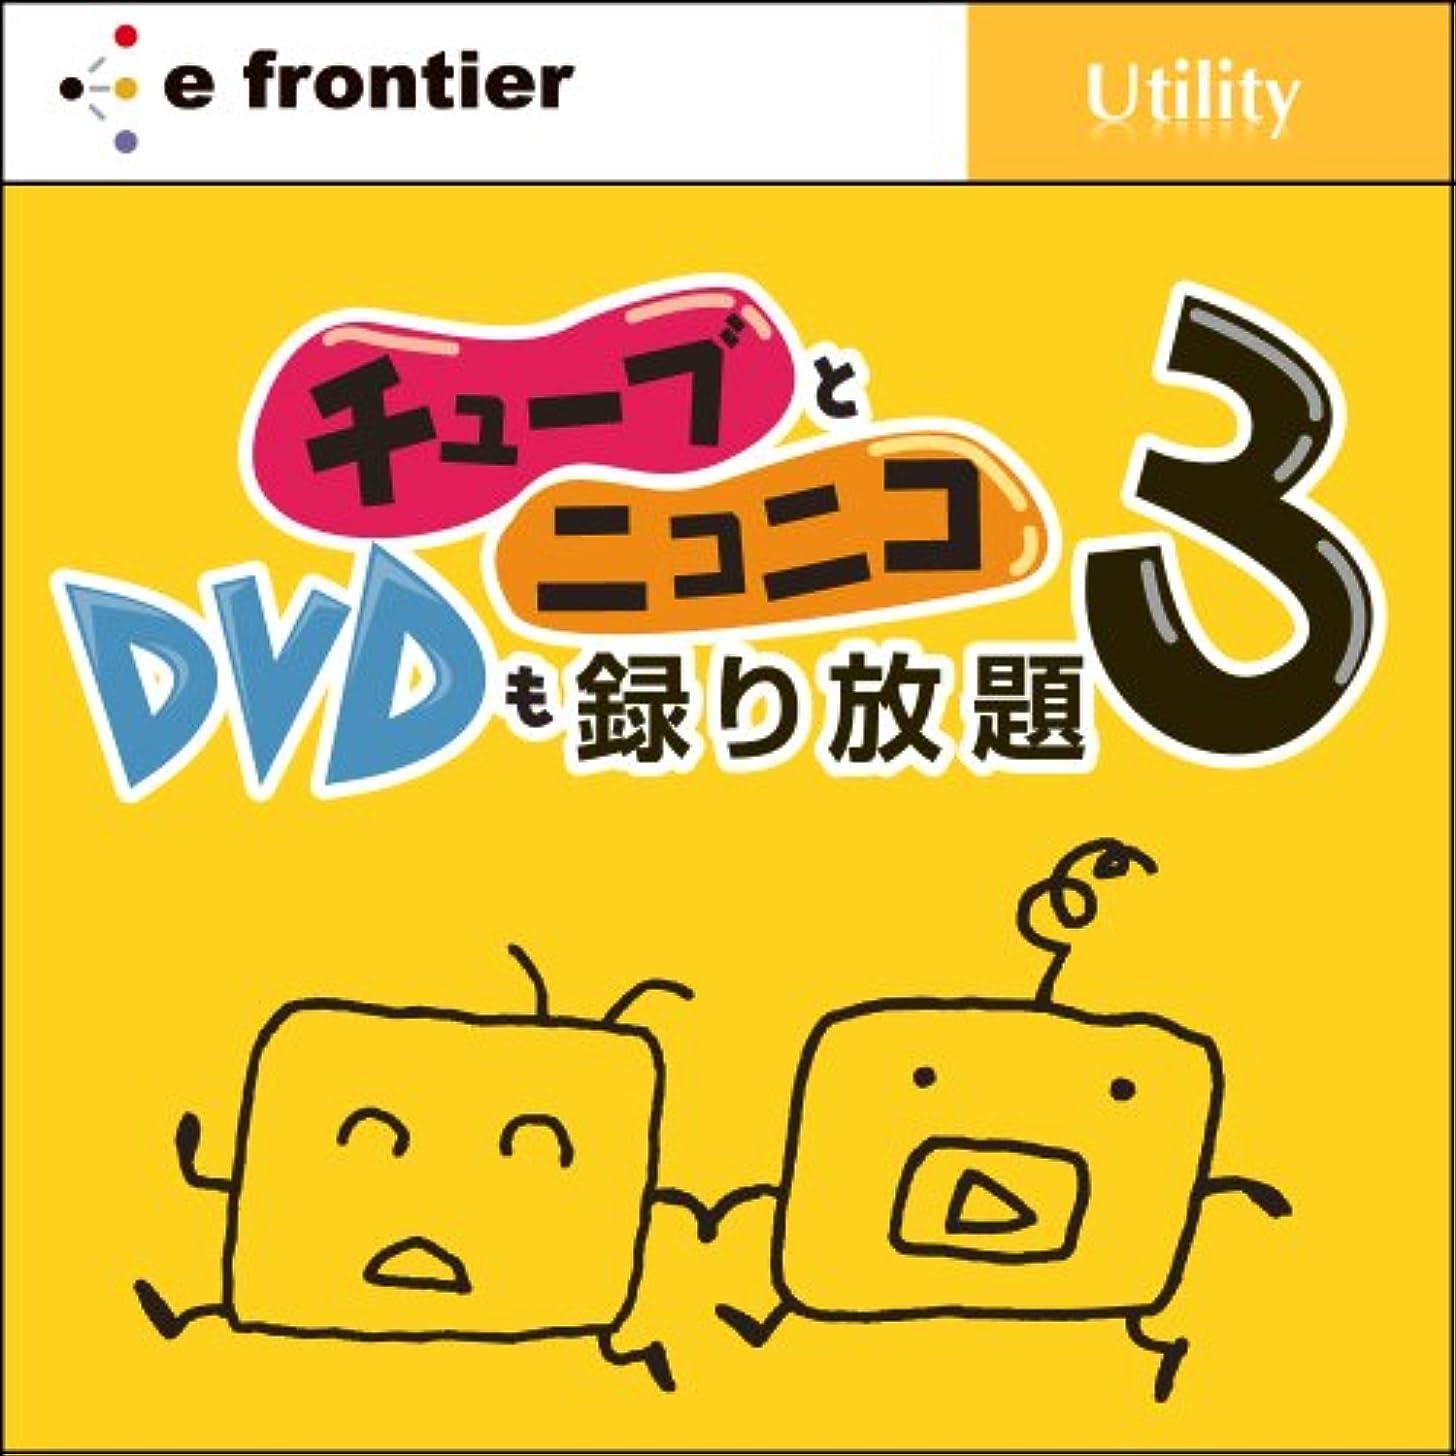 入植者居間うめきチューブとニコニコ、DVDも録り放題3 ダウンロード版 [ダウンロード]